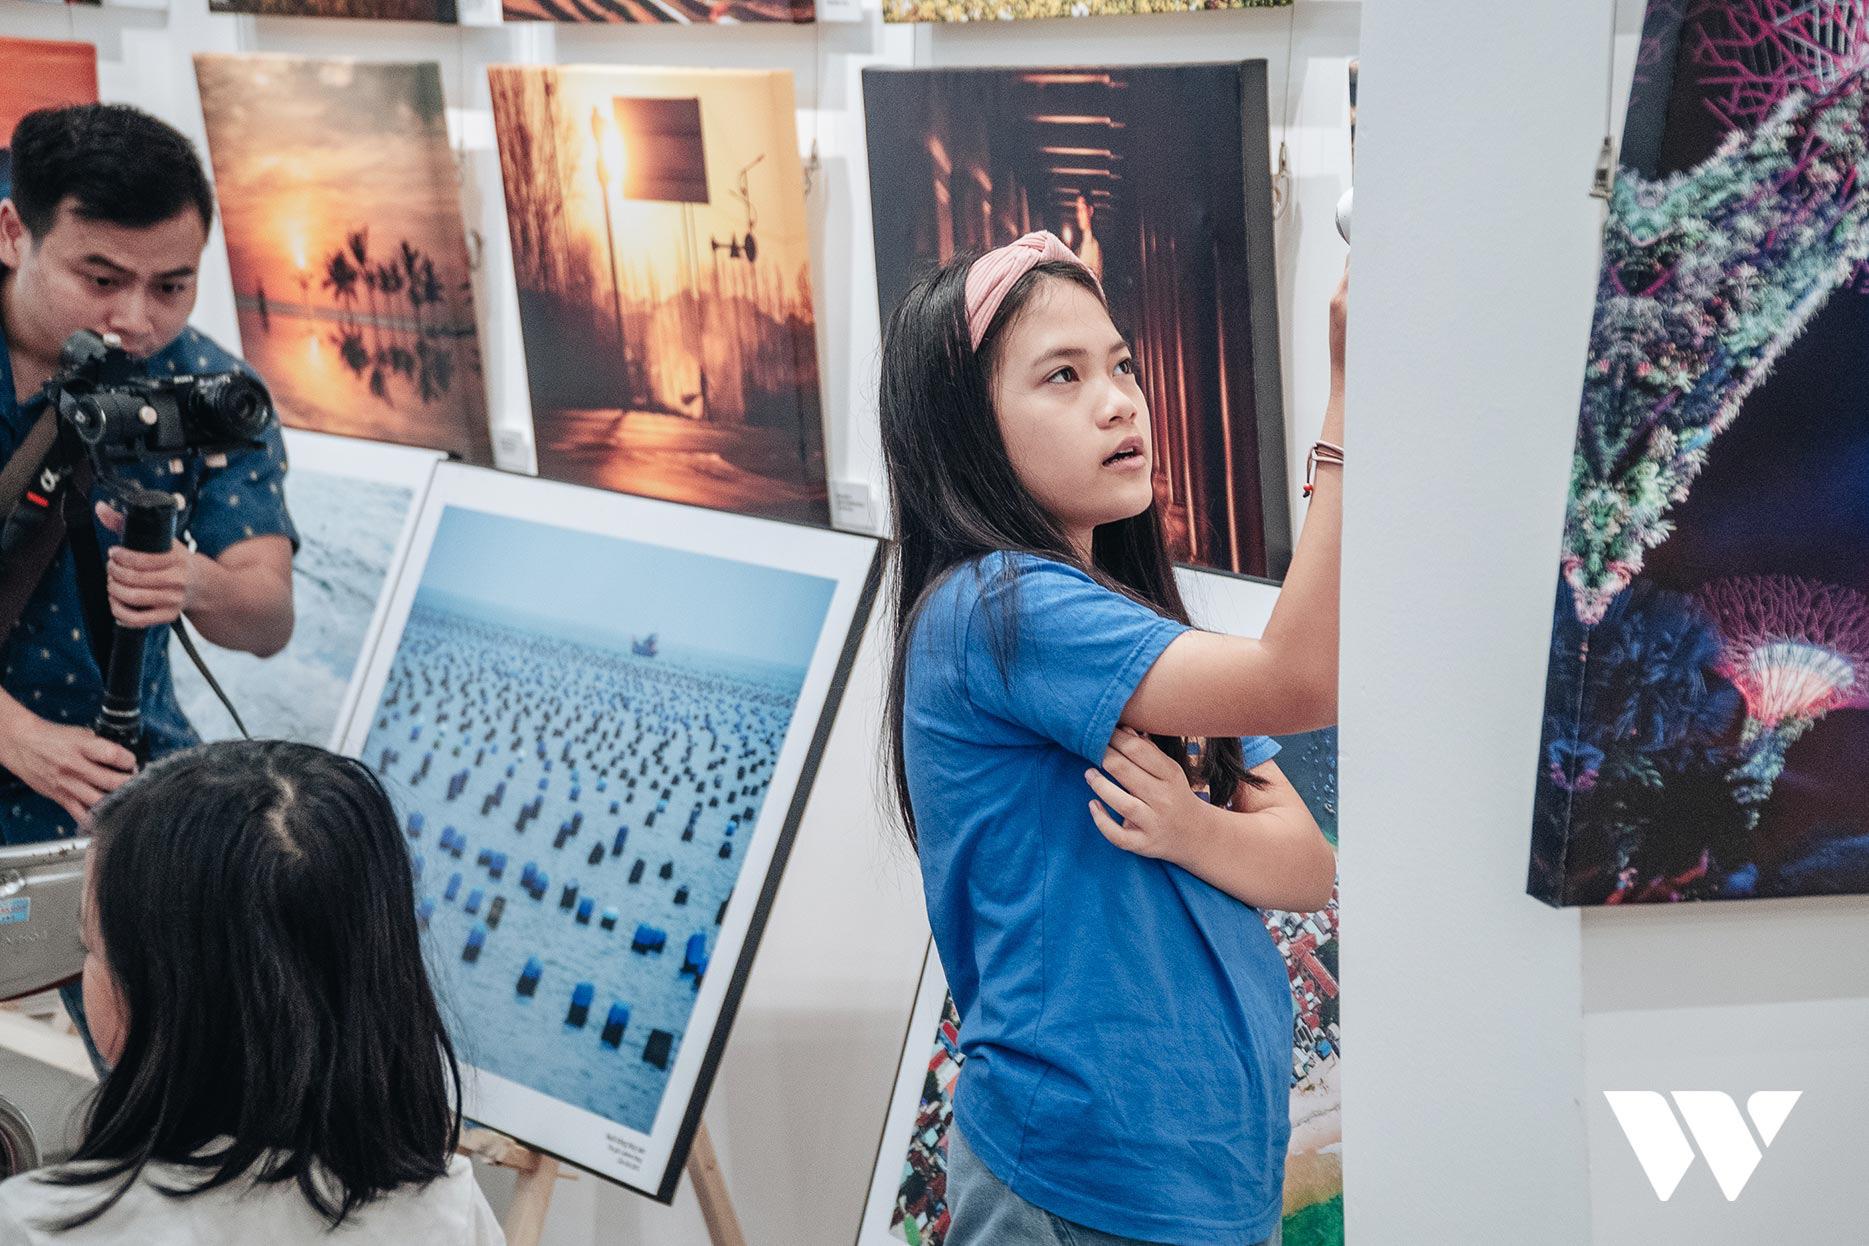 Cuộc sống của em bé Hà Nội sau bức thư kêu gọi khai giảng không bóng bay: Chỉ mong Nguyệt Linh không phải chịu những áp lực vô hình - Ảnh 2.